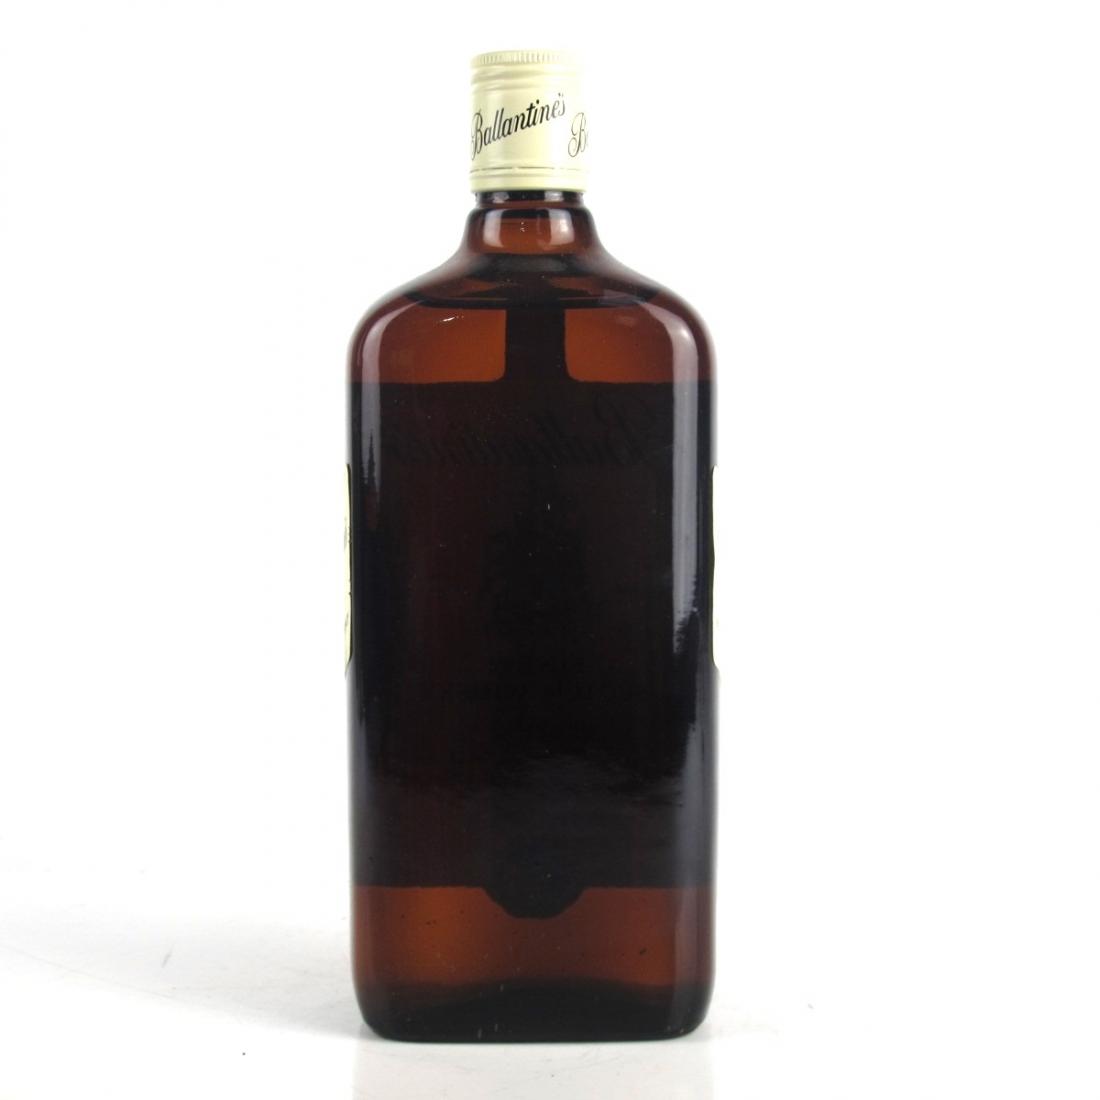 Ballantine's Finest Scotch Whisky 1980s